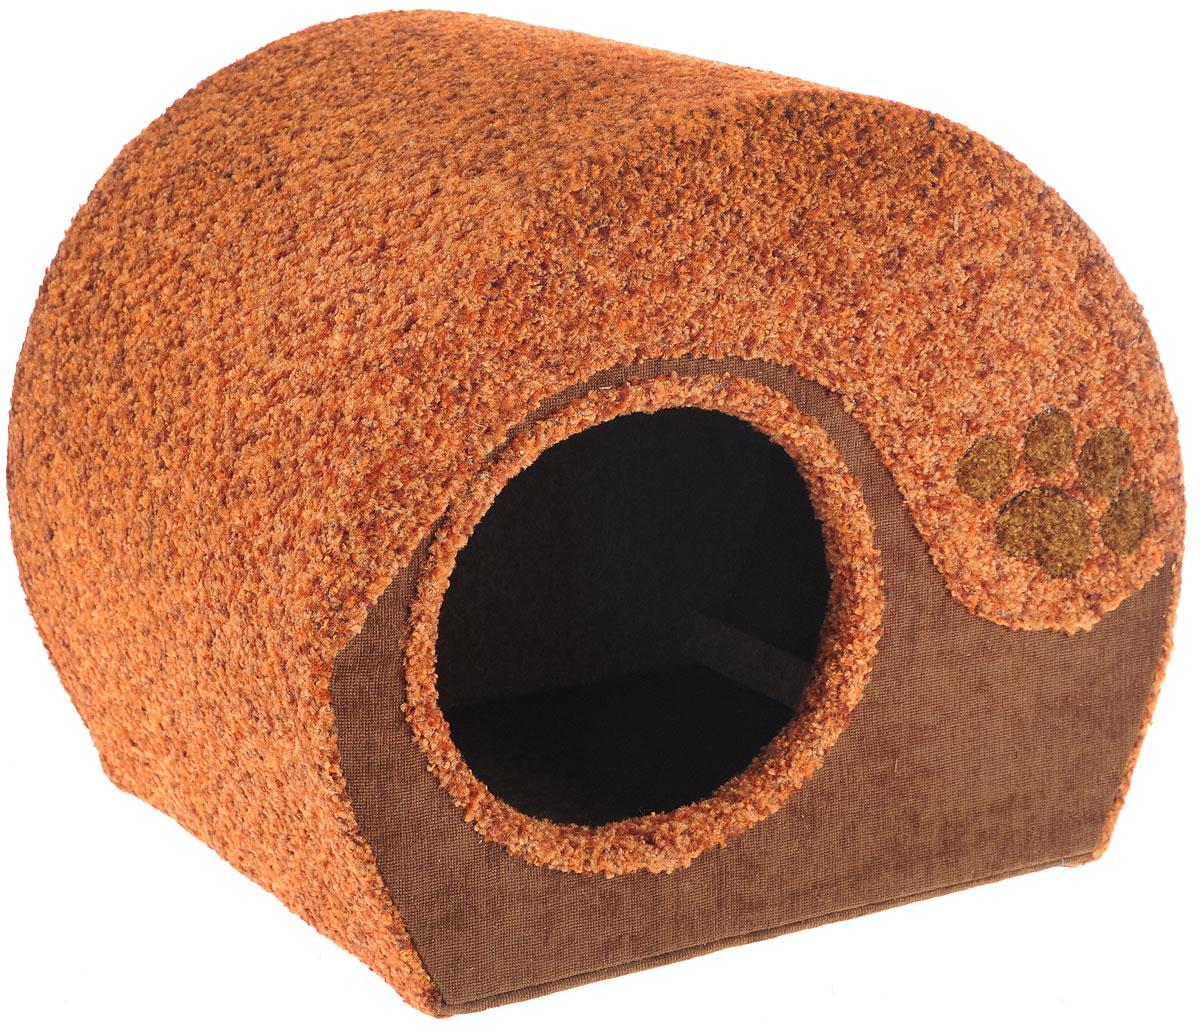 Домик для животных Неженка Лапа, цвет: коричневый, 39 х 33 х 34 см7331Большой, уютный домик Лапа, выполненный из ДСП, обитый тканью, отлично подойдет для вашего любимца. Такой домик станет не только идеальным местом для сна вашего питомца, но и местом для отдыха. Для максимального комфорта наружные части обтянуты мягкой тканью. Изделие имеет большой вход.Удобный и мягкий, он станет не только отличным домиком для вашего любимца, но еще и оригинальным украшением интерьера.